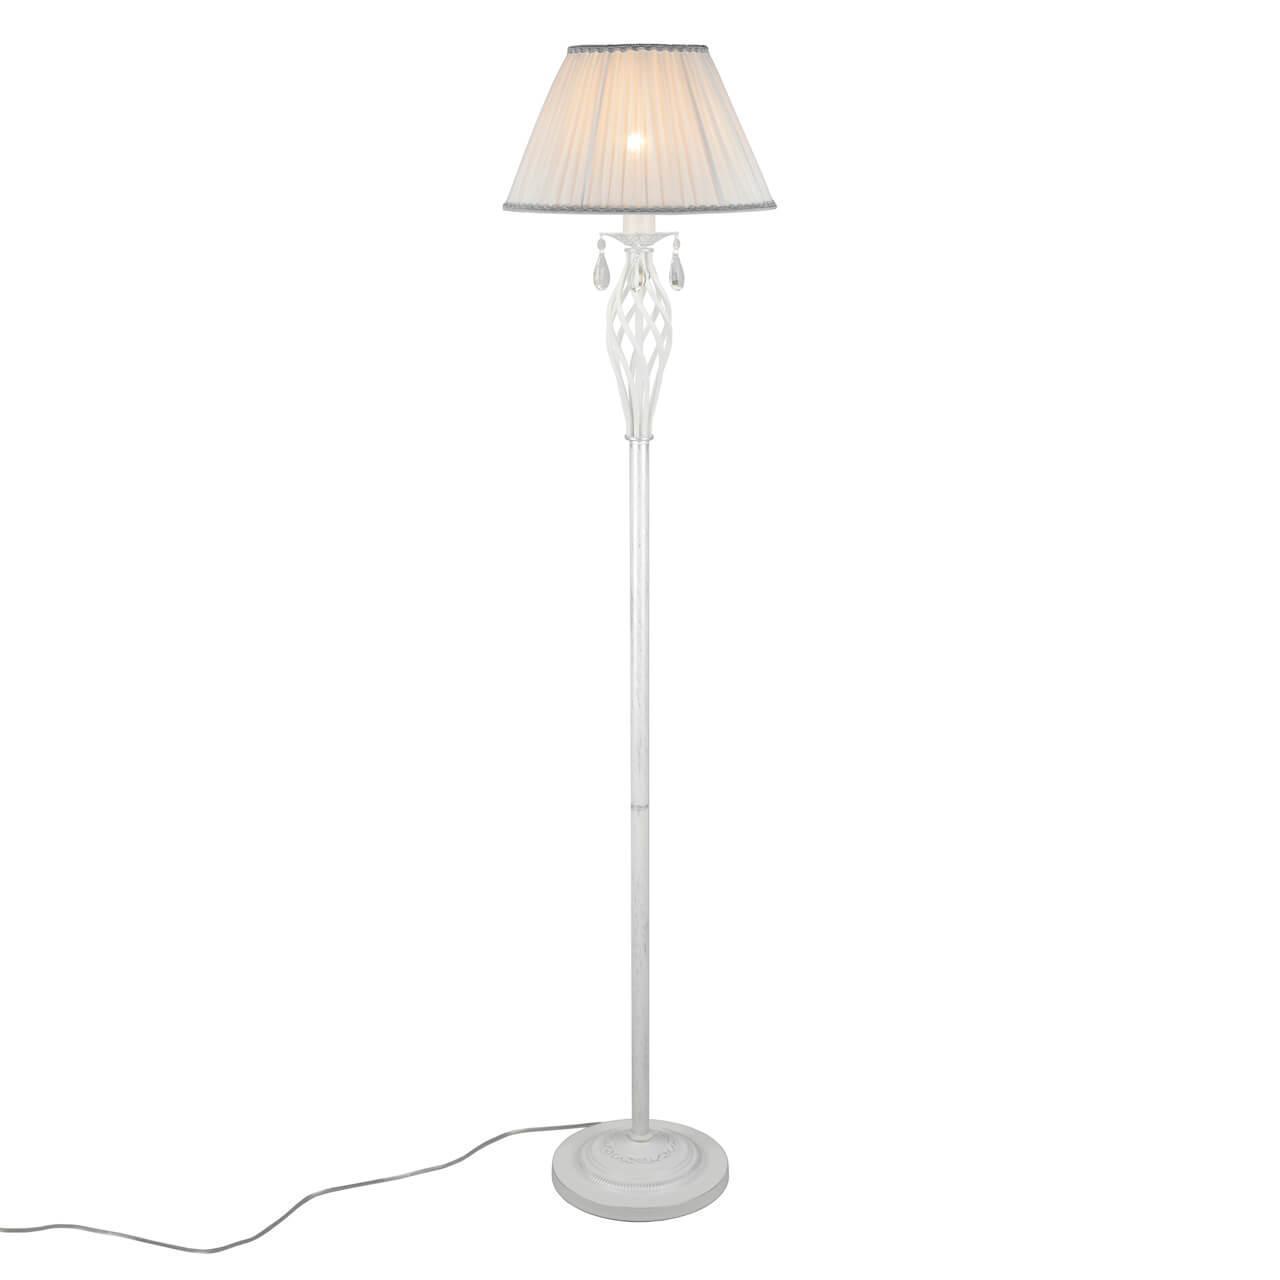 Напольный светильник Omnilux OML-60815-01, E27, 40 Вт omnilux торшер omnilux oml 60805 01